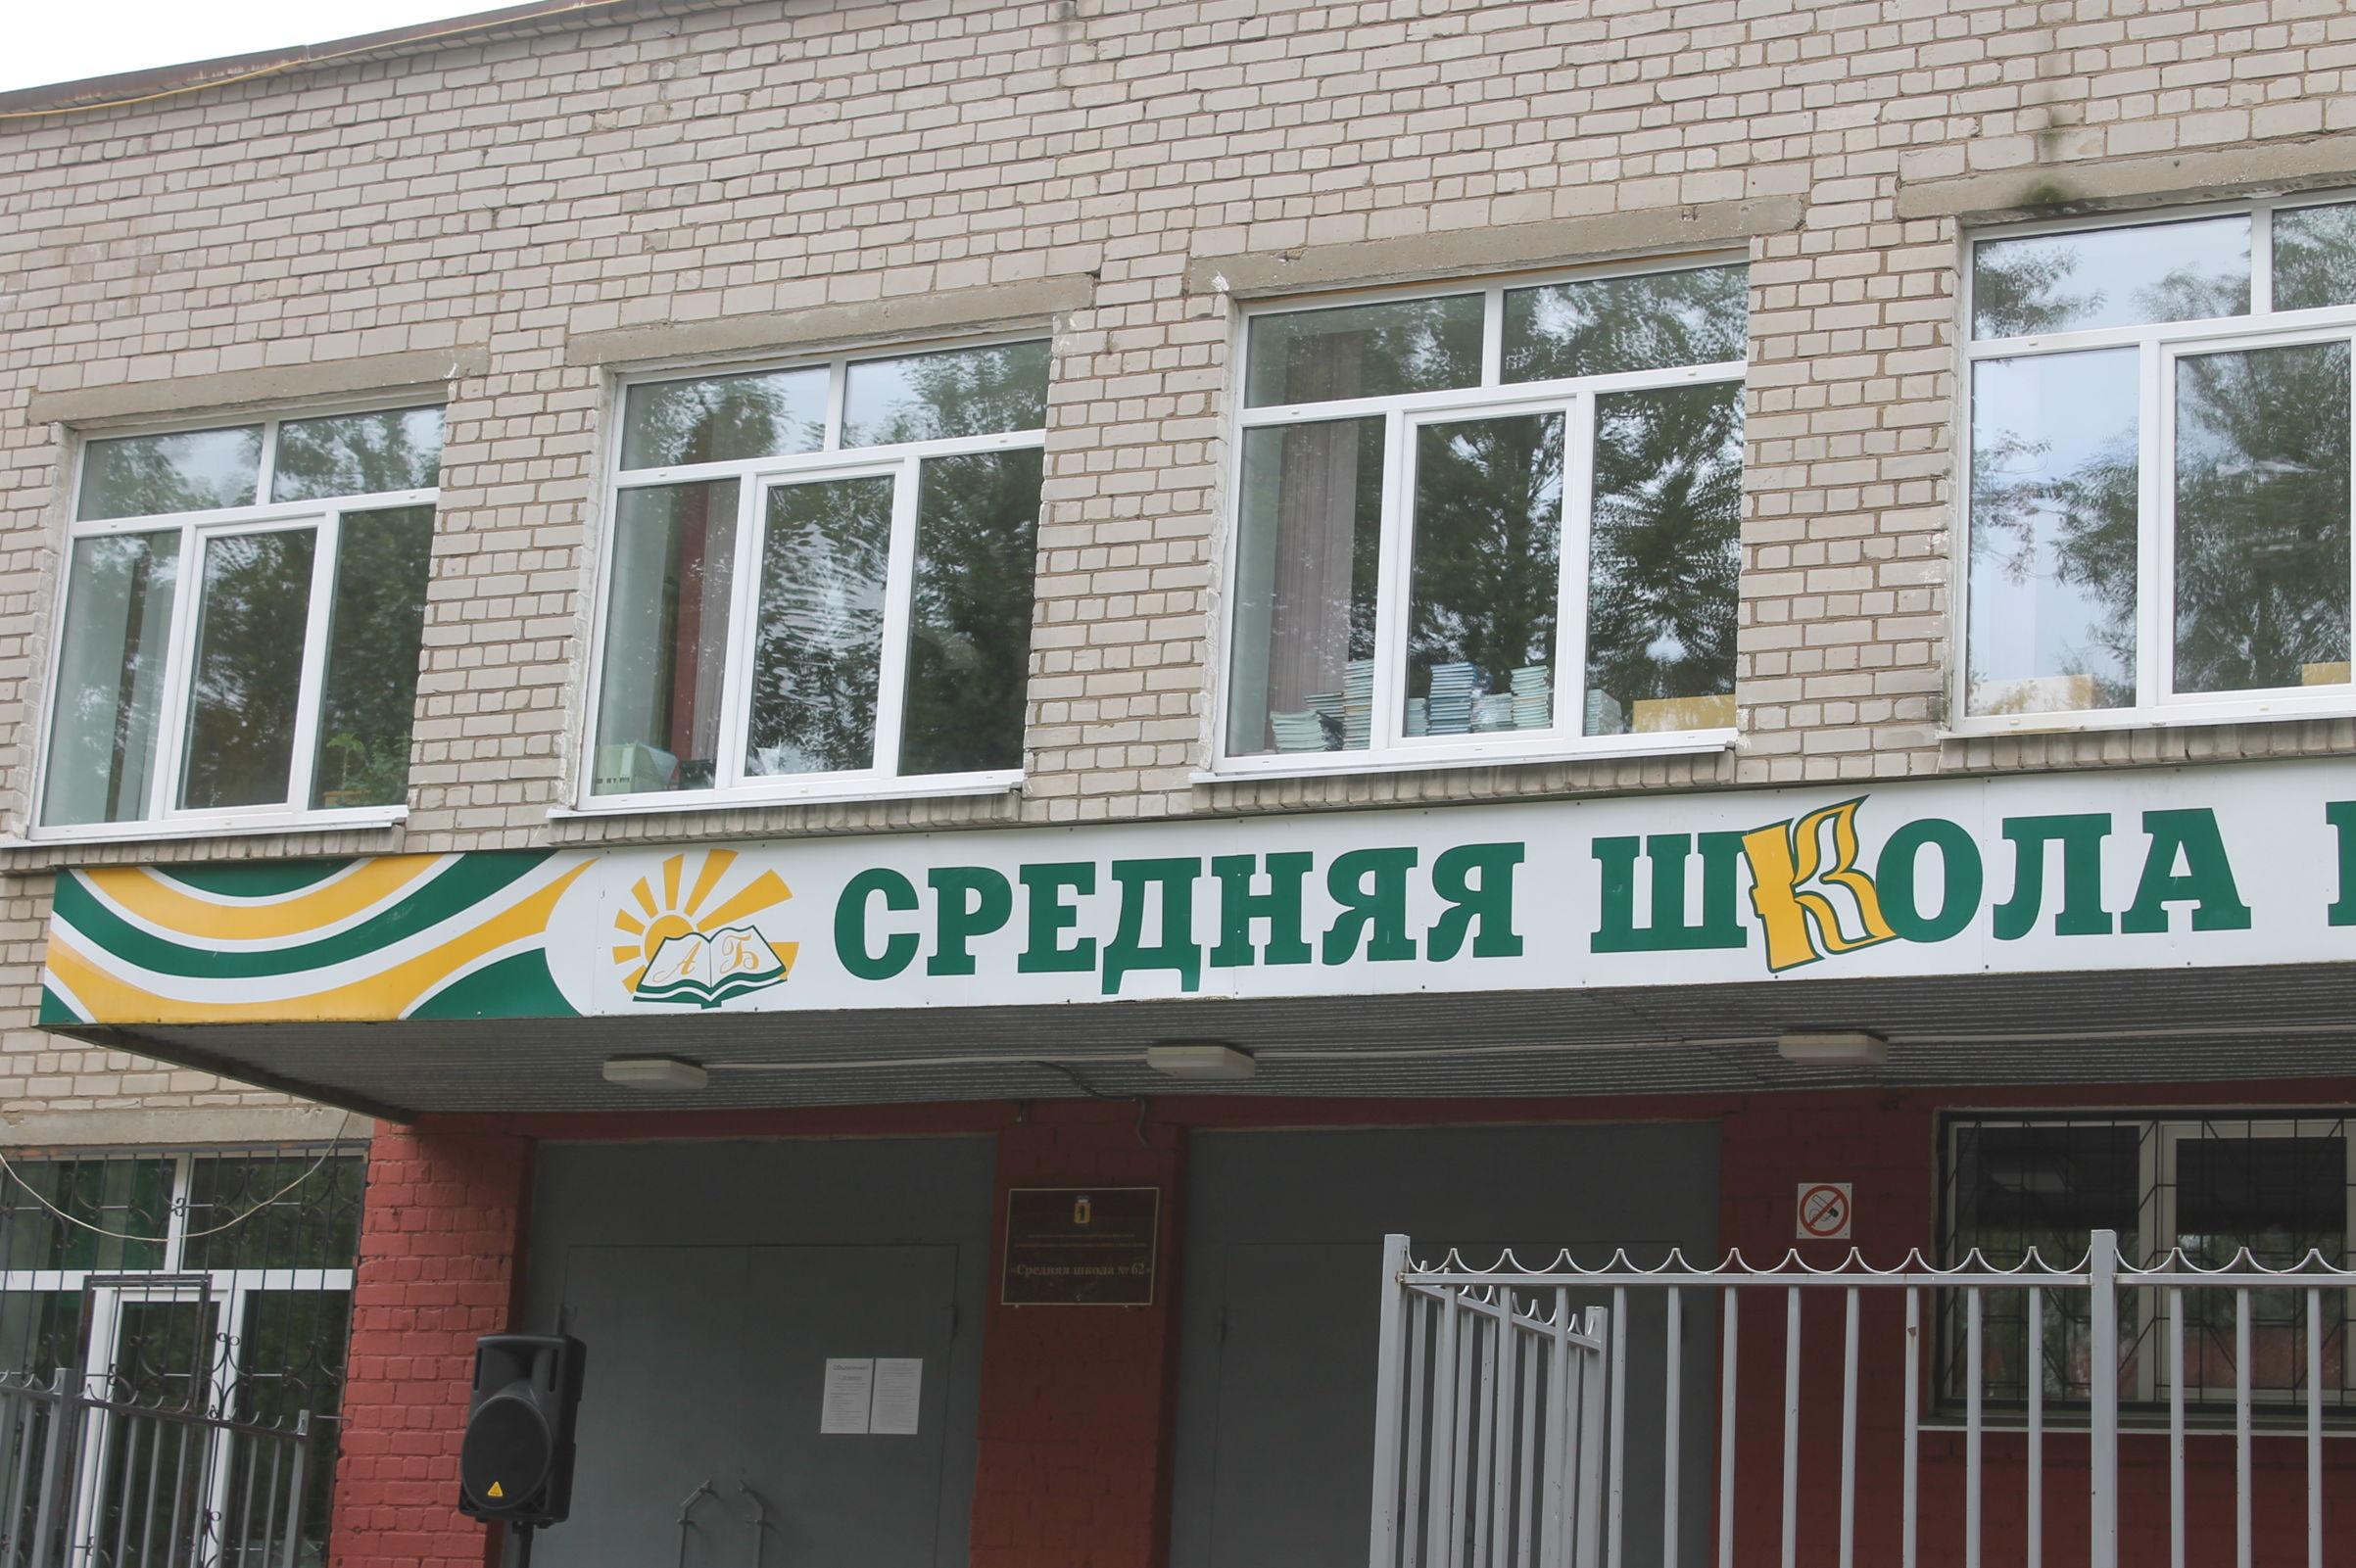 Ярославский департамент образования рассказал, будут ли отменять занятия в школах в мороз